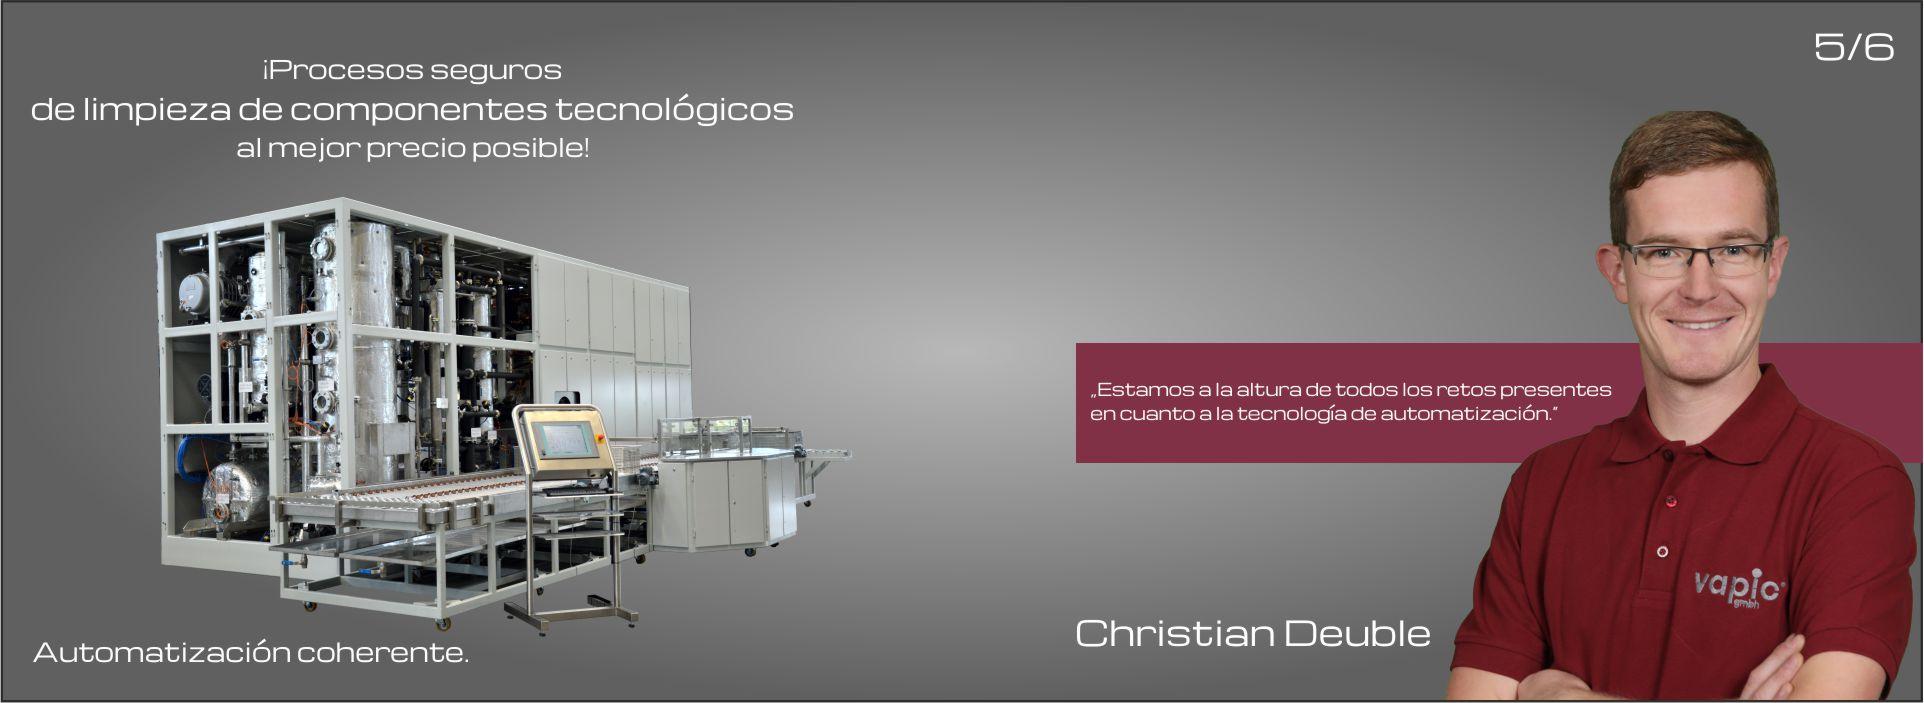 Christian Deuble HeaderbildES